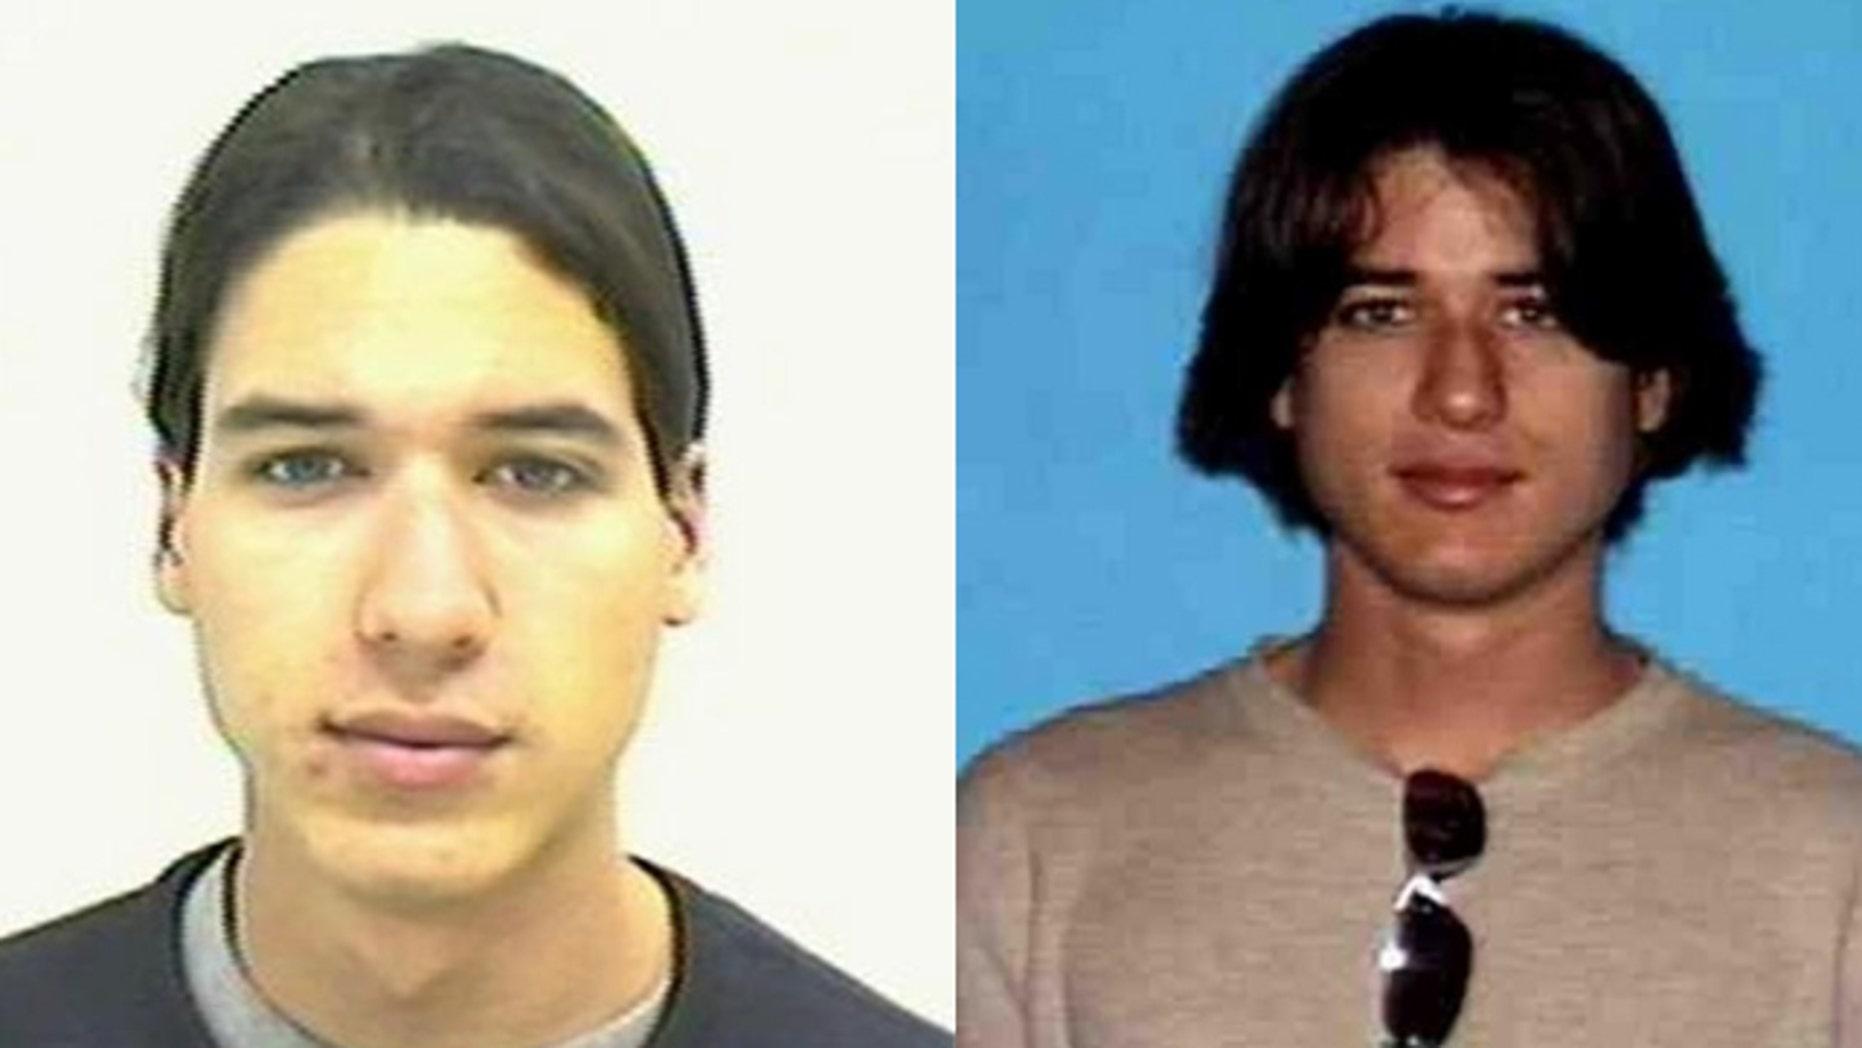 Carlos Enrique Perez-Melara, 33, is thought to be in El Salvador.